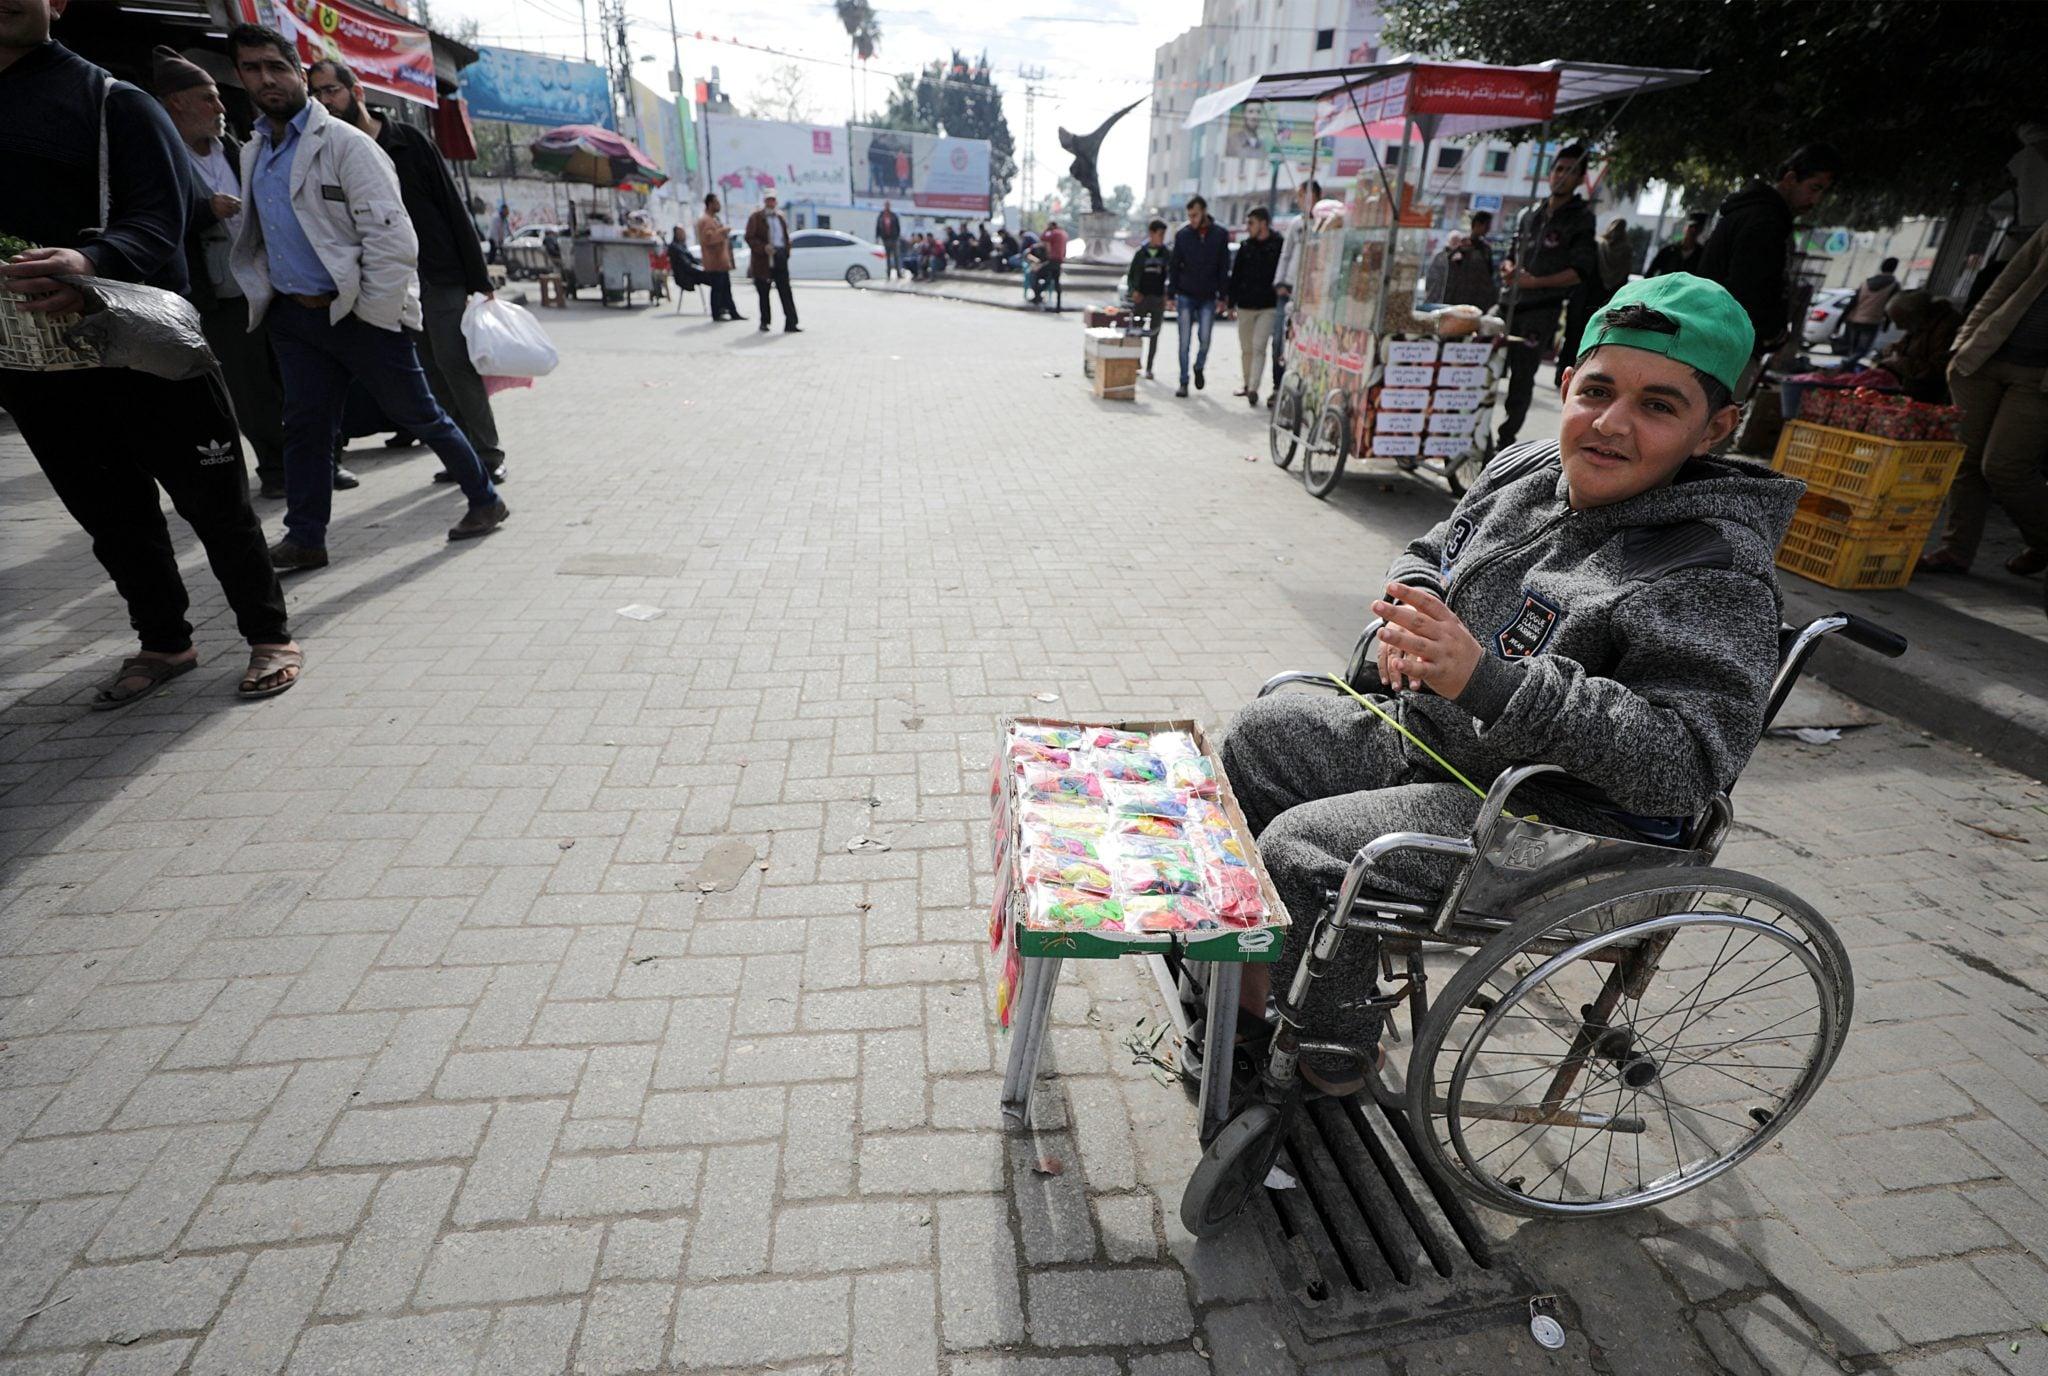 Stefa Gazy: niepełnosprawny sprzedaje zabawki na rynku Fras. To największe targowisko w Strefie Gazy, powstało w 1954 i jest podzielone na kilka stref: z mięsami, rybami, owocami, warzywami, odzieżą. Wiele rodzin boryka się z ubóstwem, poziom bezrobocia jest wysoki. Przyczyną jest m.in. oblężenie Strefy Gazy i wieloletnie wojny z Izraelem, fot: Mohammed Saber, PAP/EPA